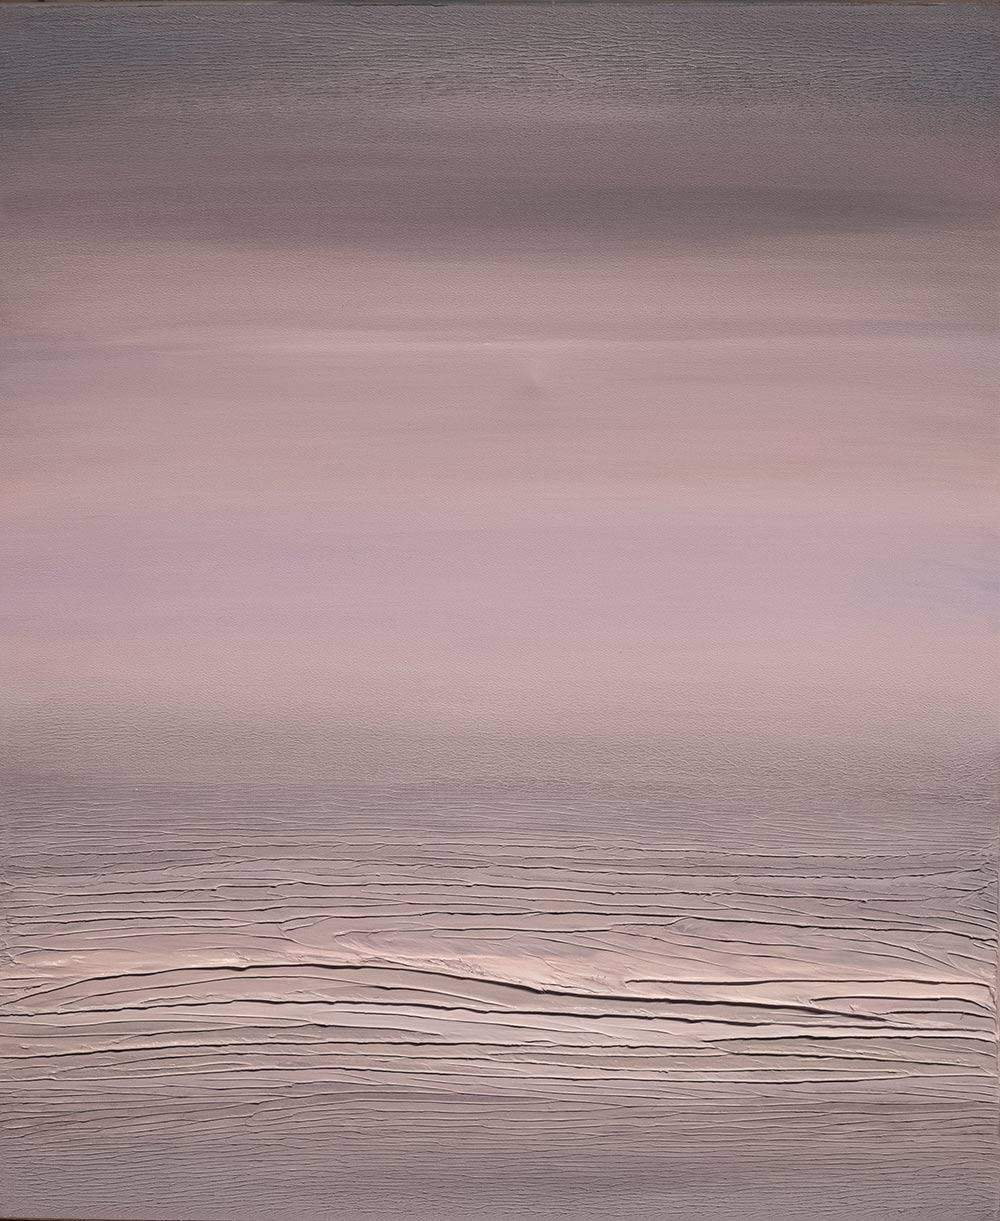 David-Joy-Seascapes-D19-013-30